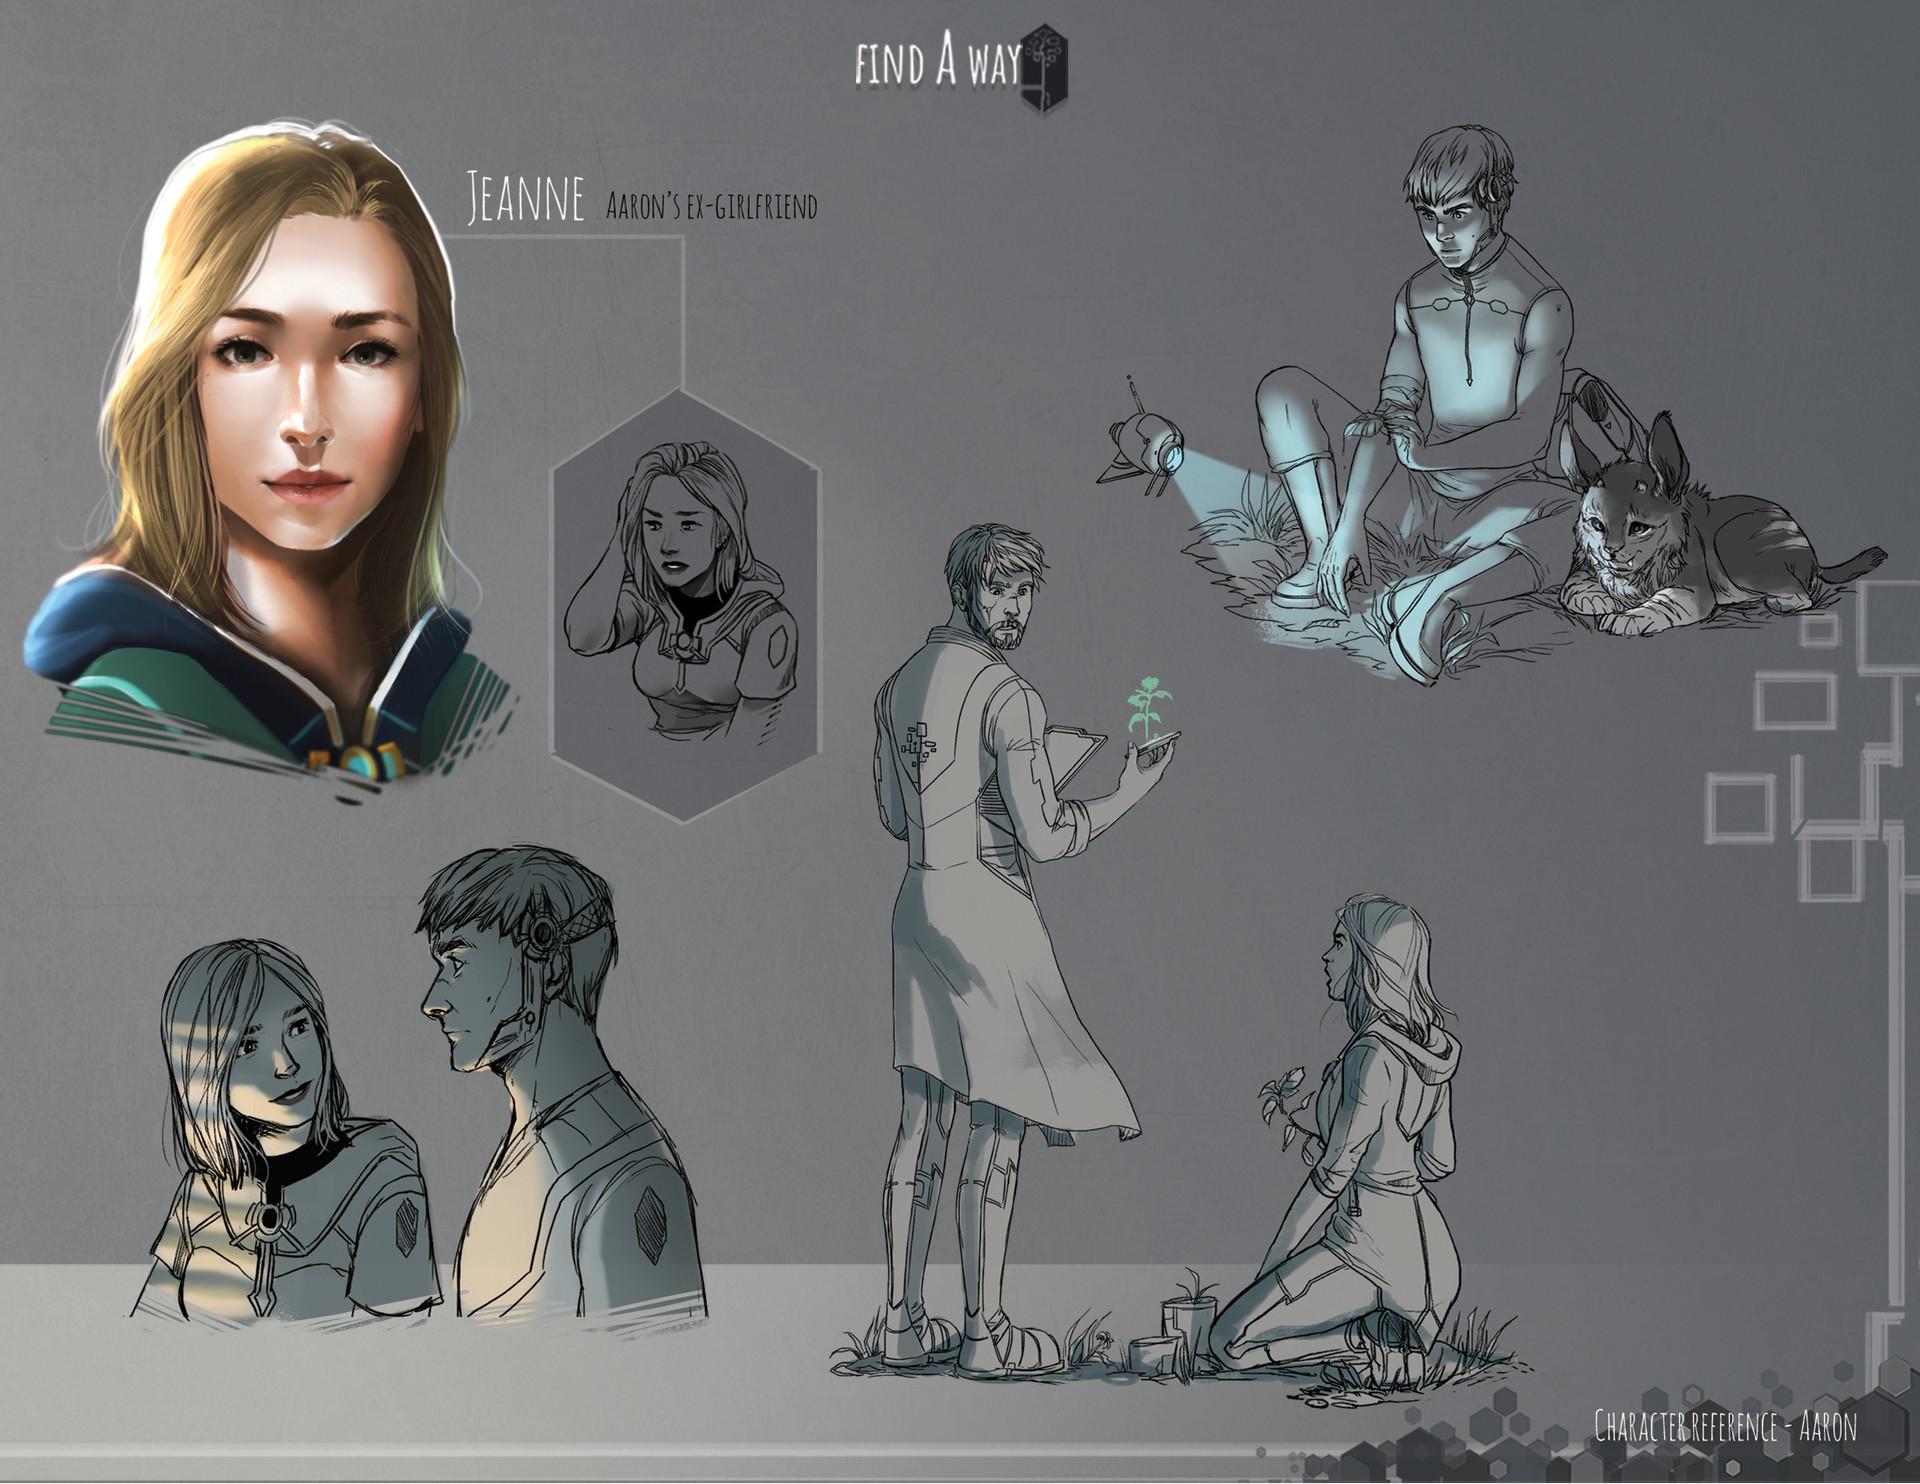 Annie doyon 13